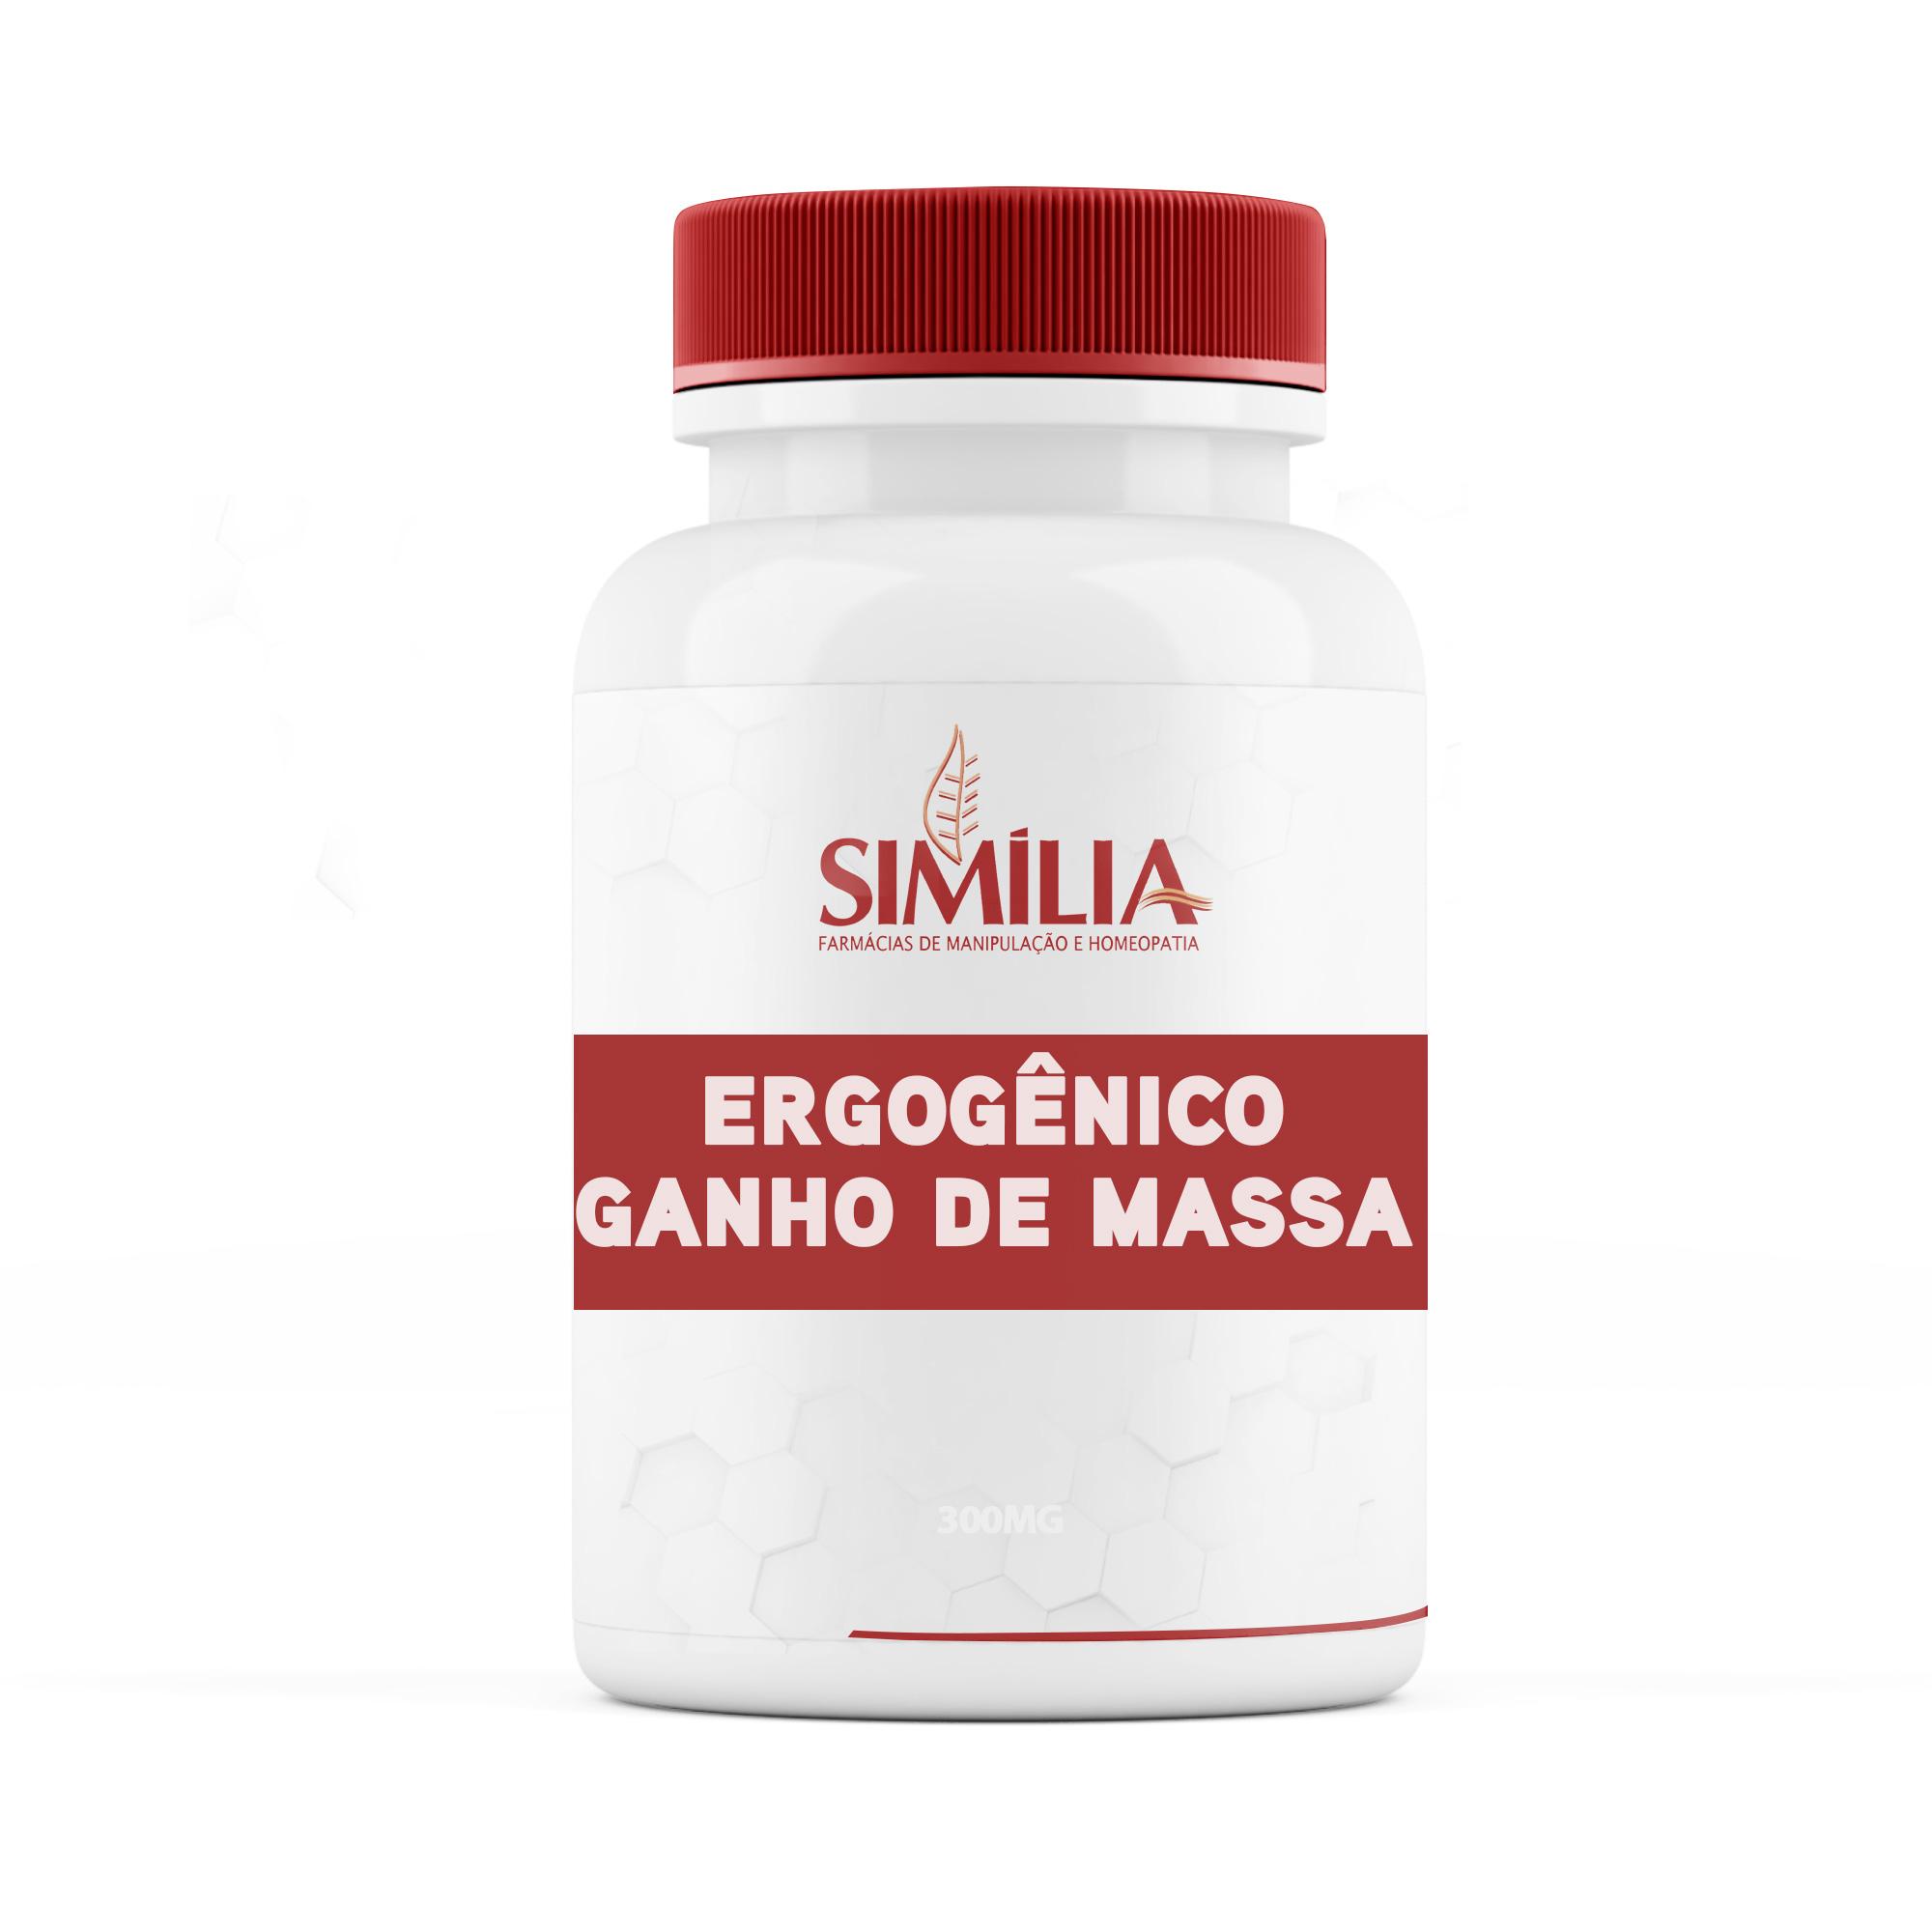 Ergogênico Ganho de massa - 30 cápsulas